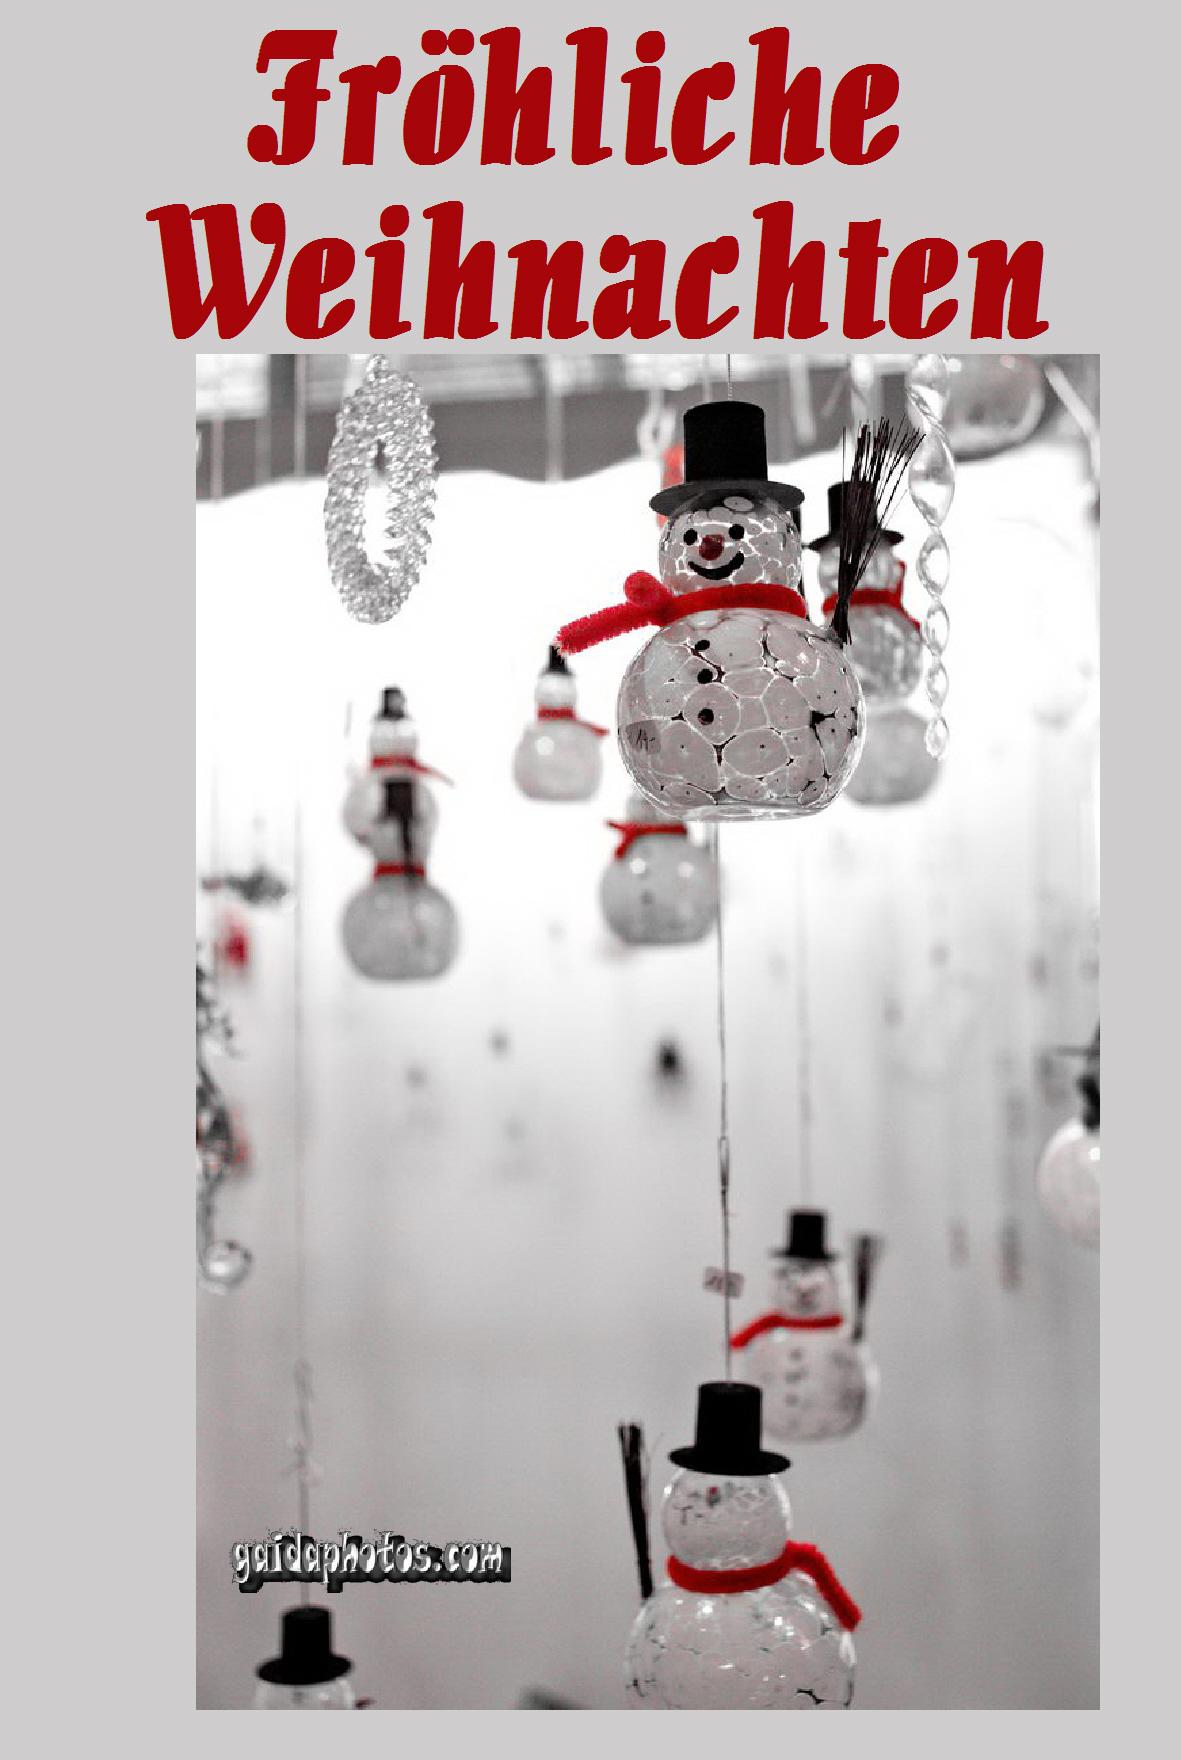 Kostenlose weihnachtskarten - Weihnachtskarten kostenlos verschicken ...